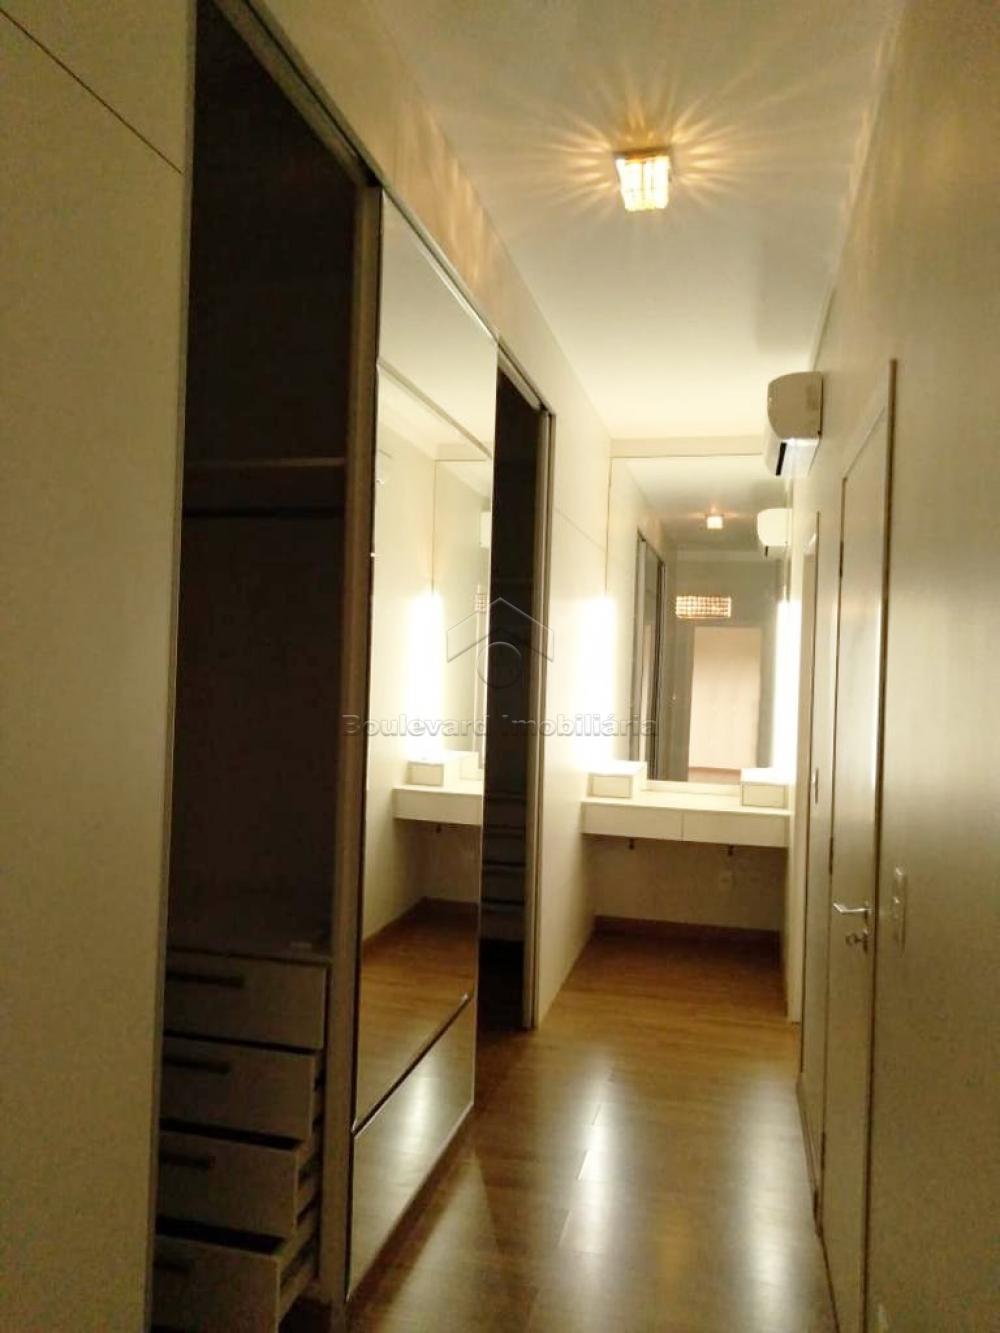 Alugar Casa / Condomínio em Ribeirão Preto R$ 8.500,00 - Foto 13